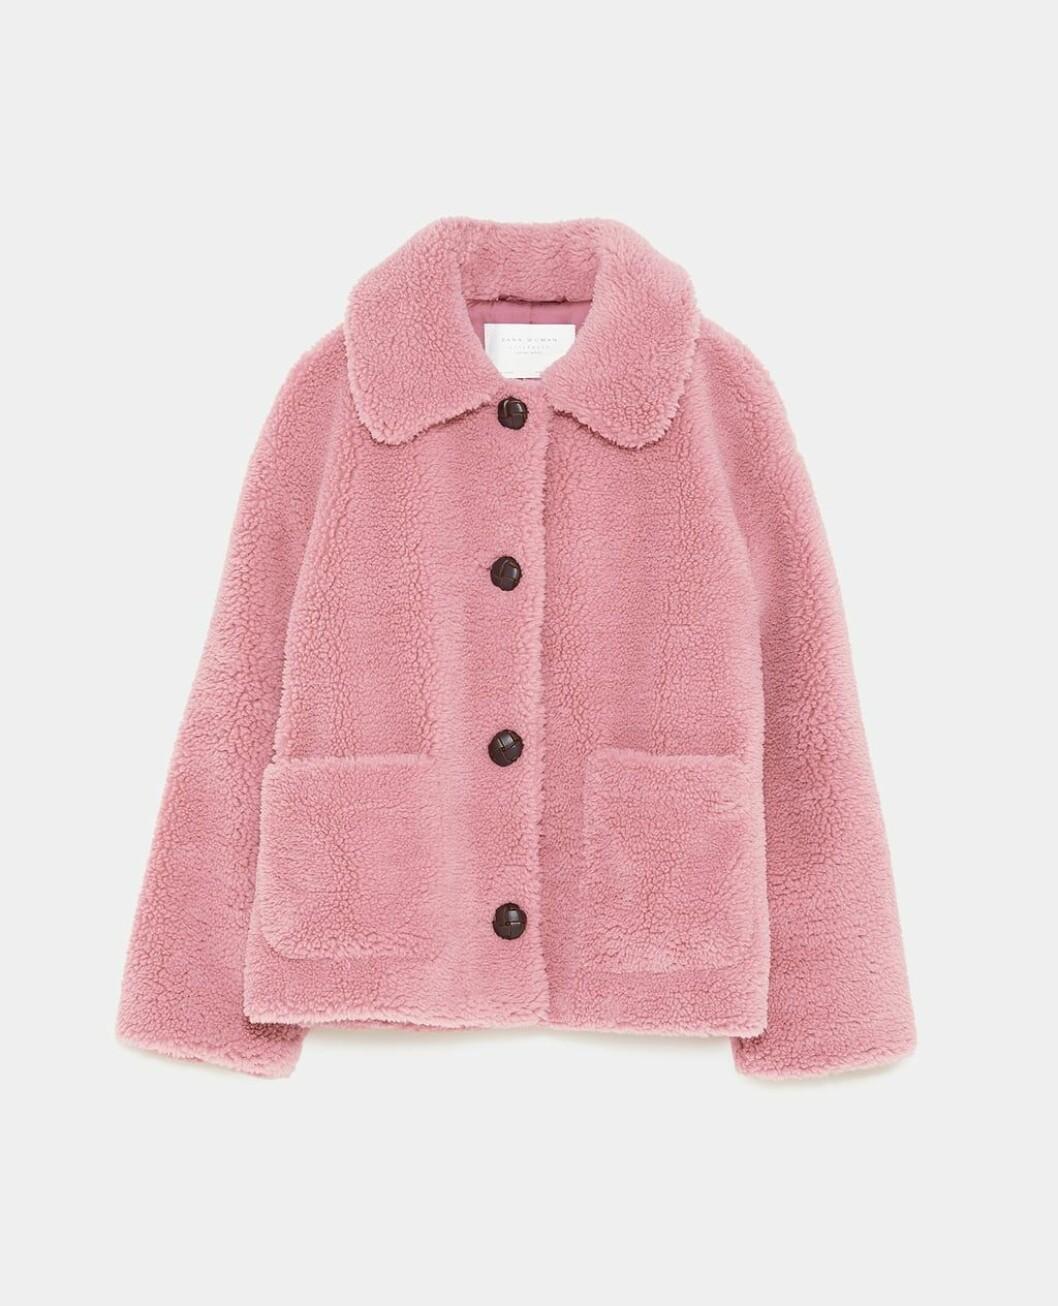 Jakke fra Zara  650,-  https://www.zara.com/no/no/ytterjakke-med-imitert-saueskinn-p02969264.html?v1=7515058&v2=1074507